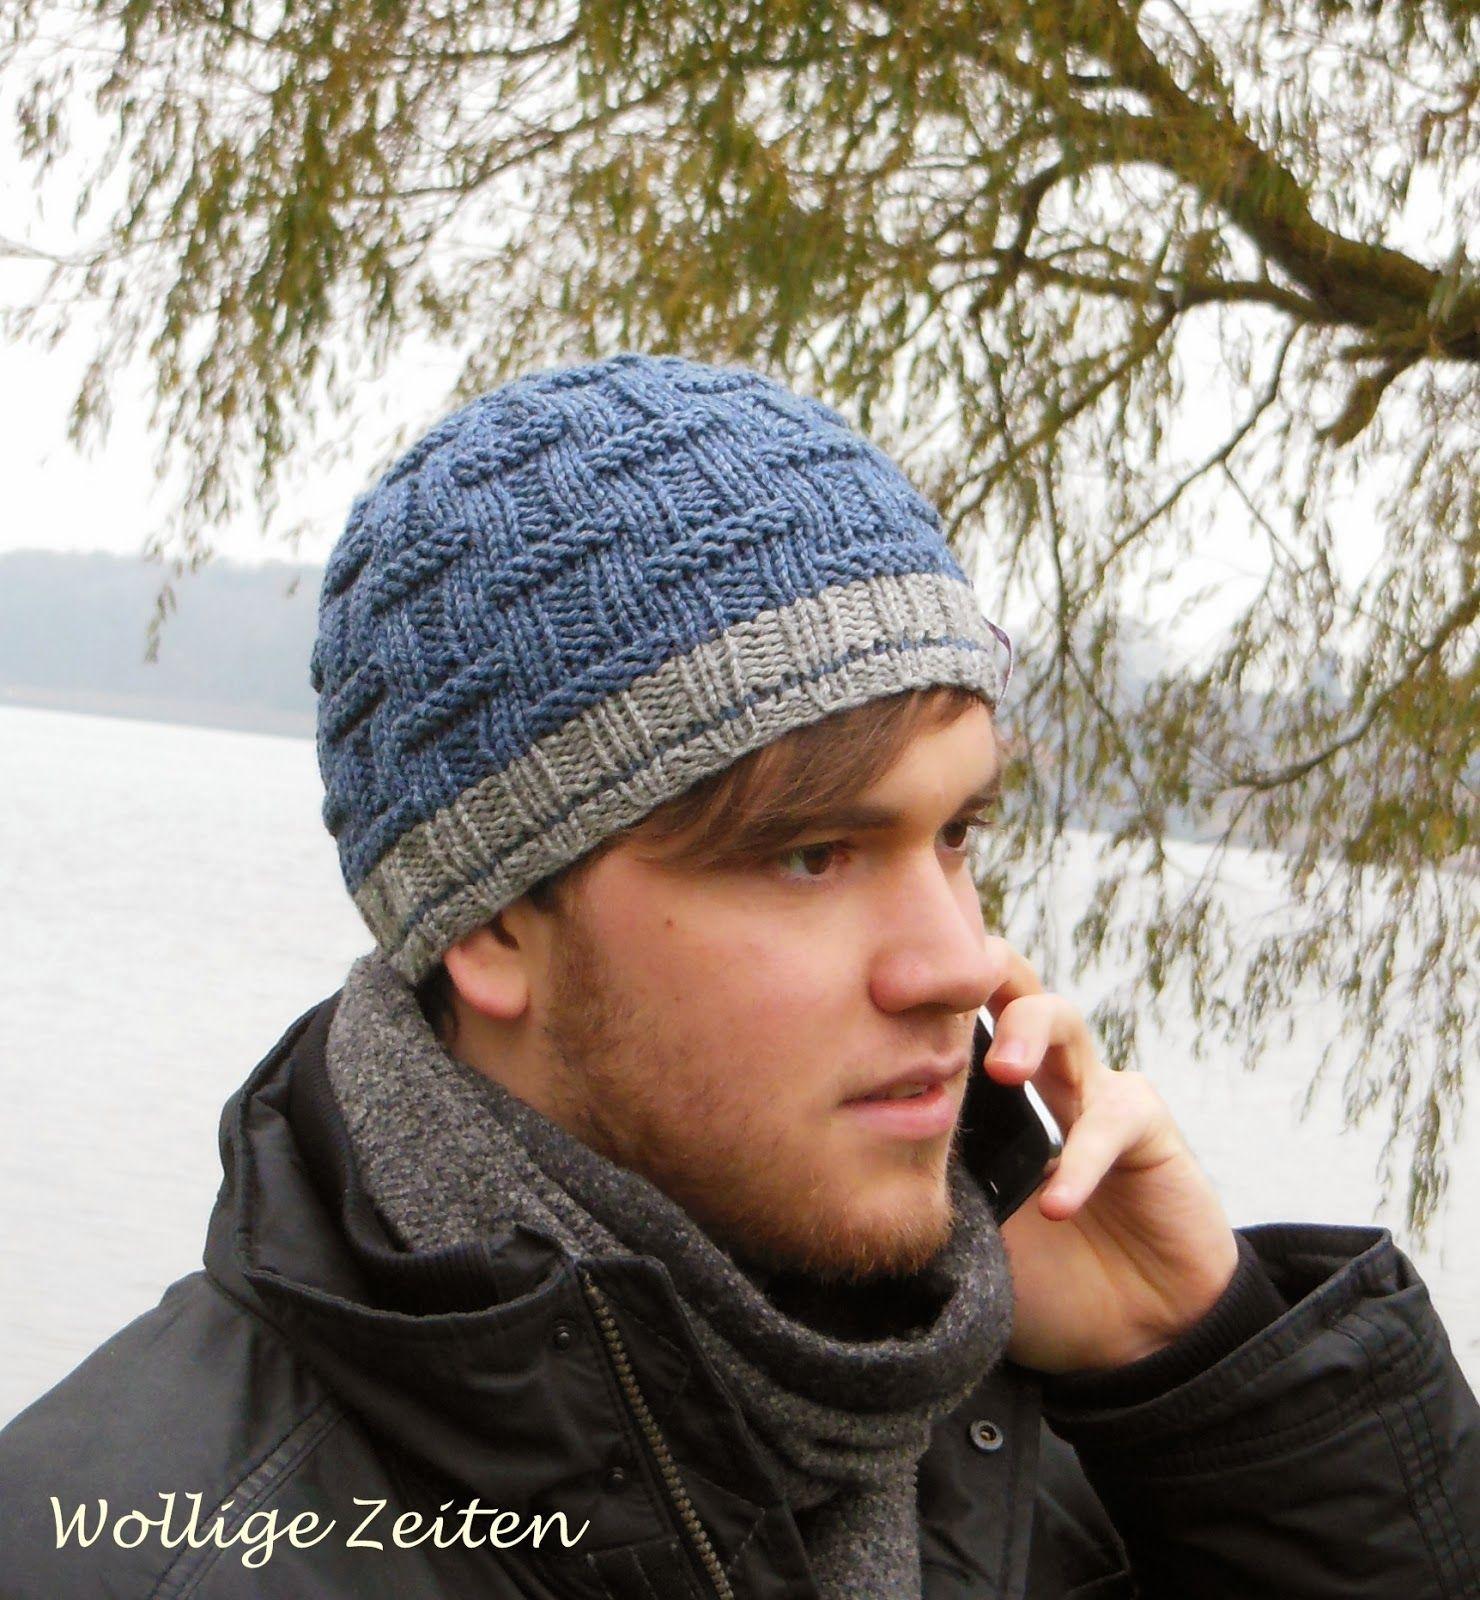 Wollige Zeiten Männermütze Thjorge Stricken Pinterest Mütze